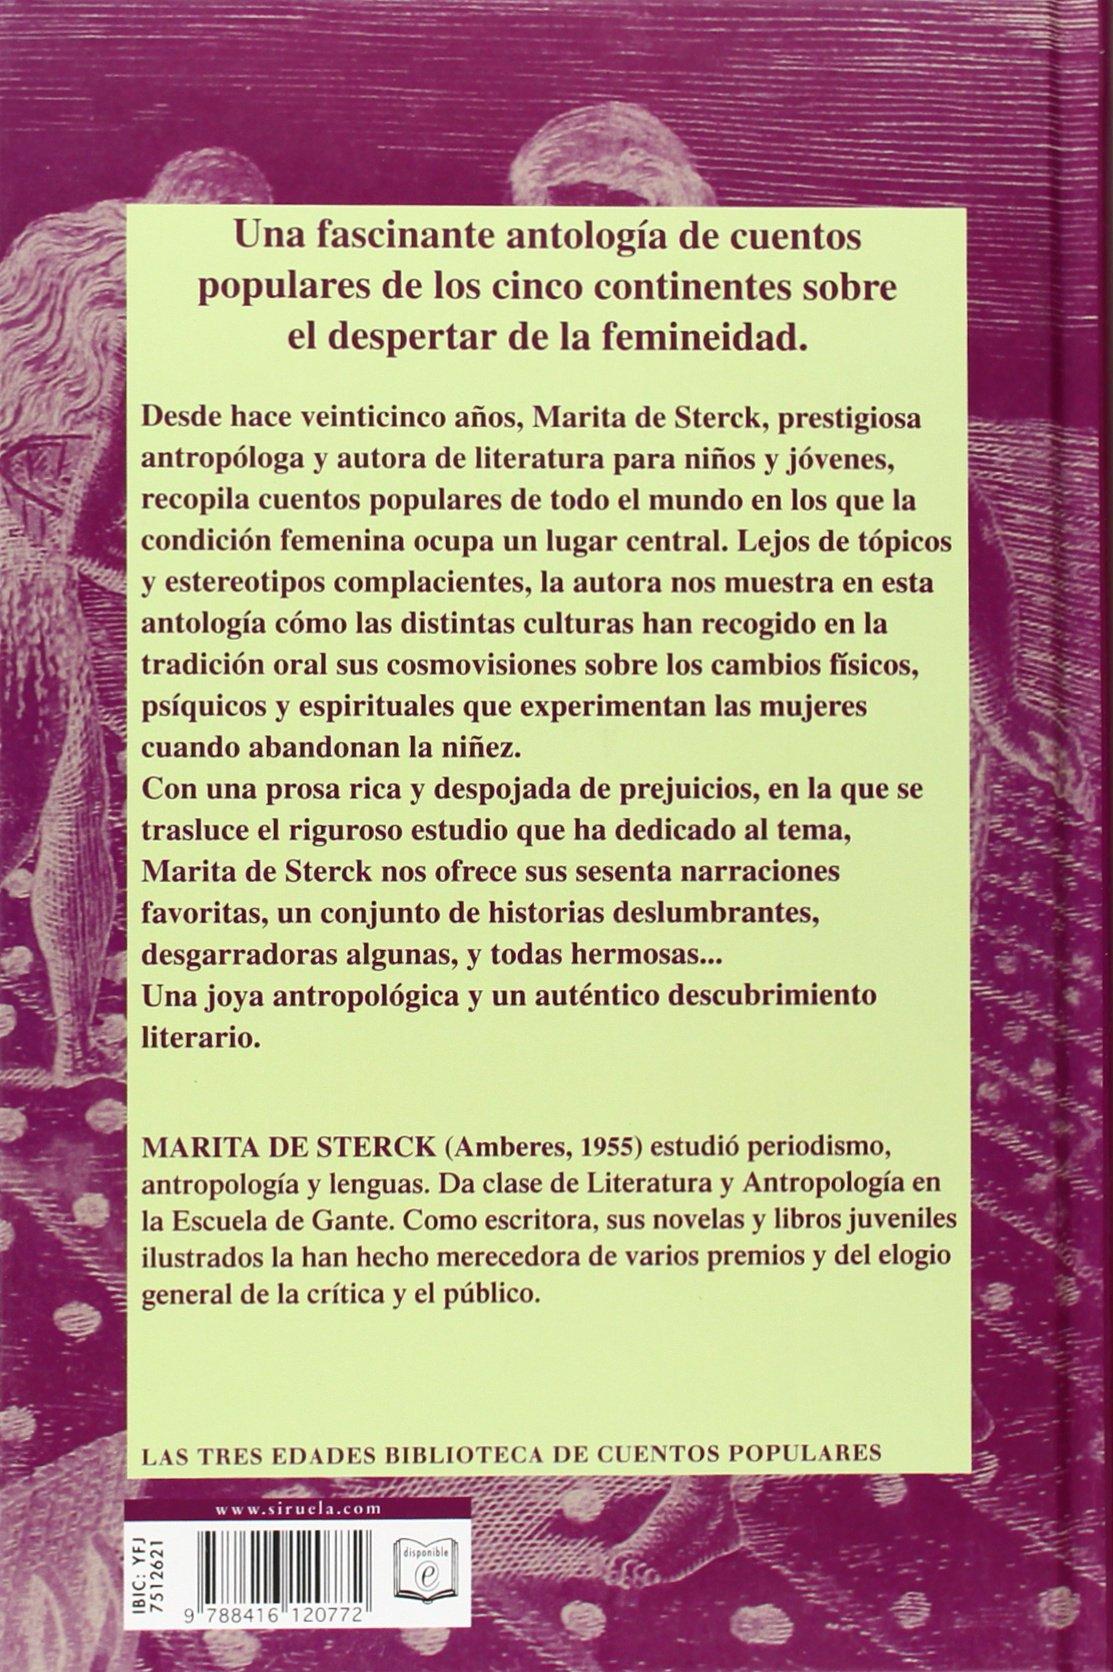 el despertar de la belleza: MARITA DE STERCK: 9788416120772: Amazon.com: Books